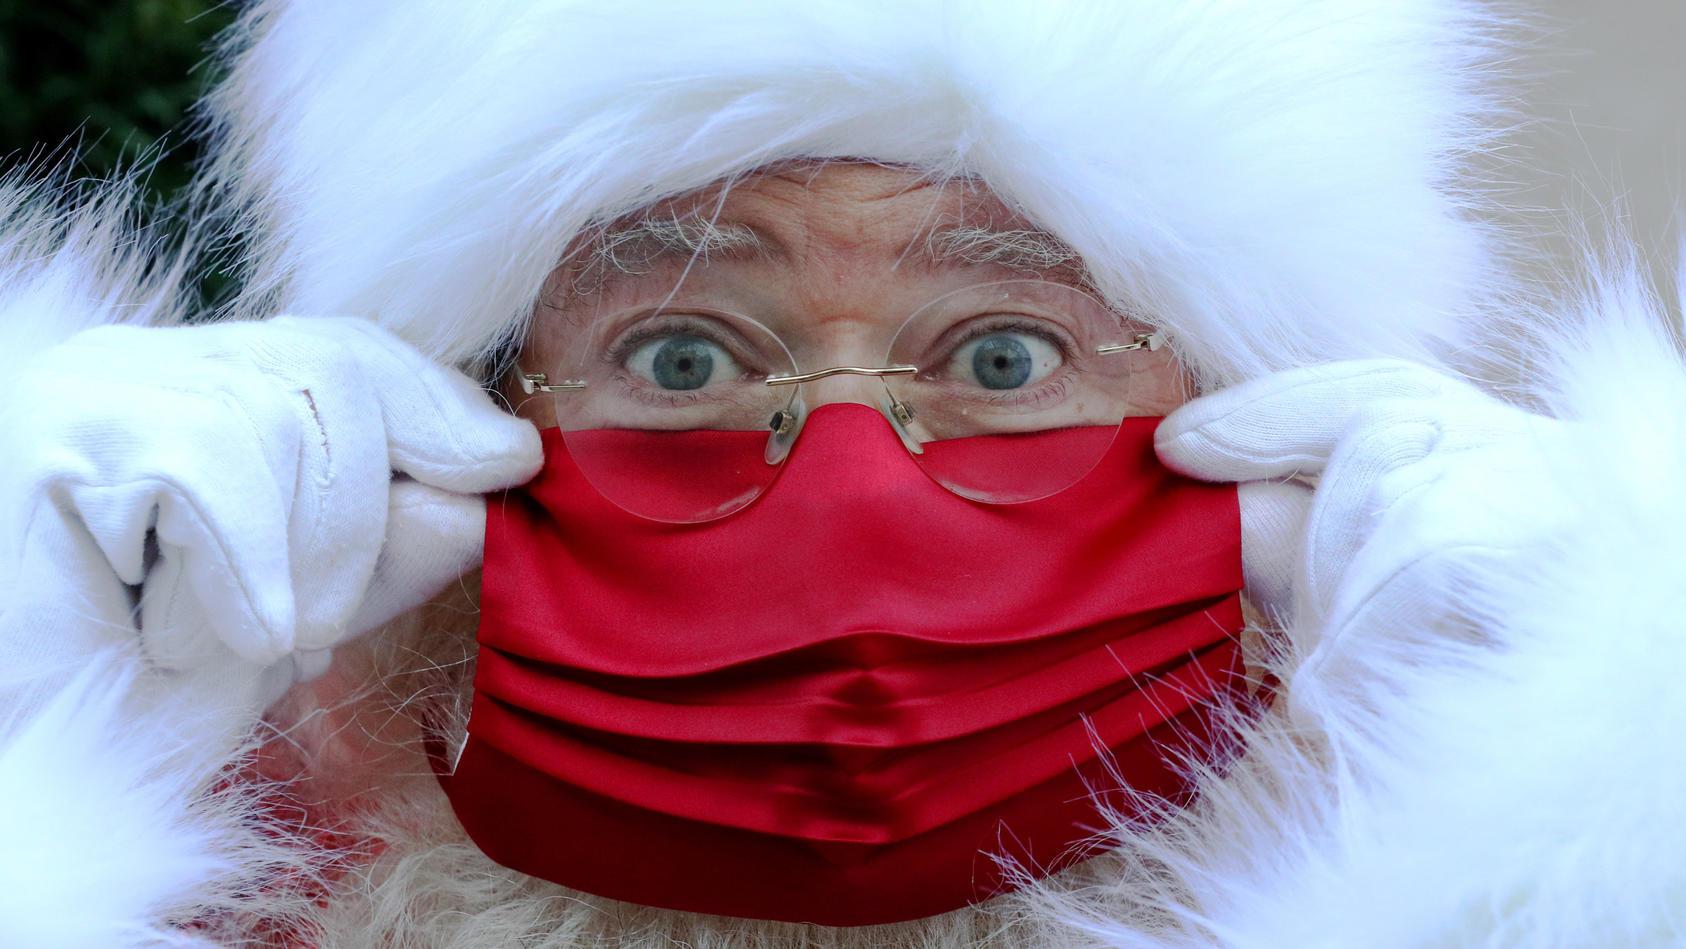 Keine Sorge! Der Weihnachtsmann kommt dieses Jahr trotz Corona-Pandemie zu den Kindern.